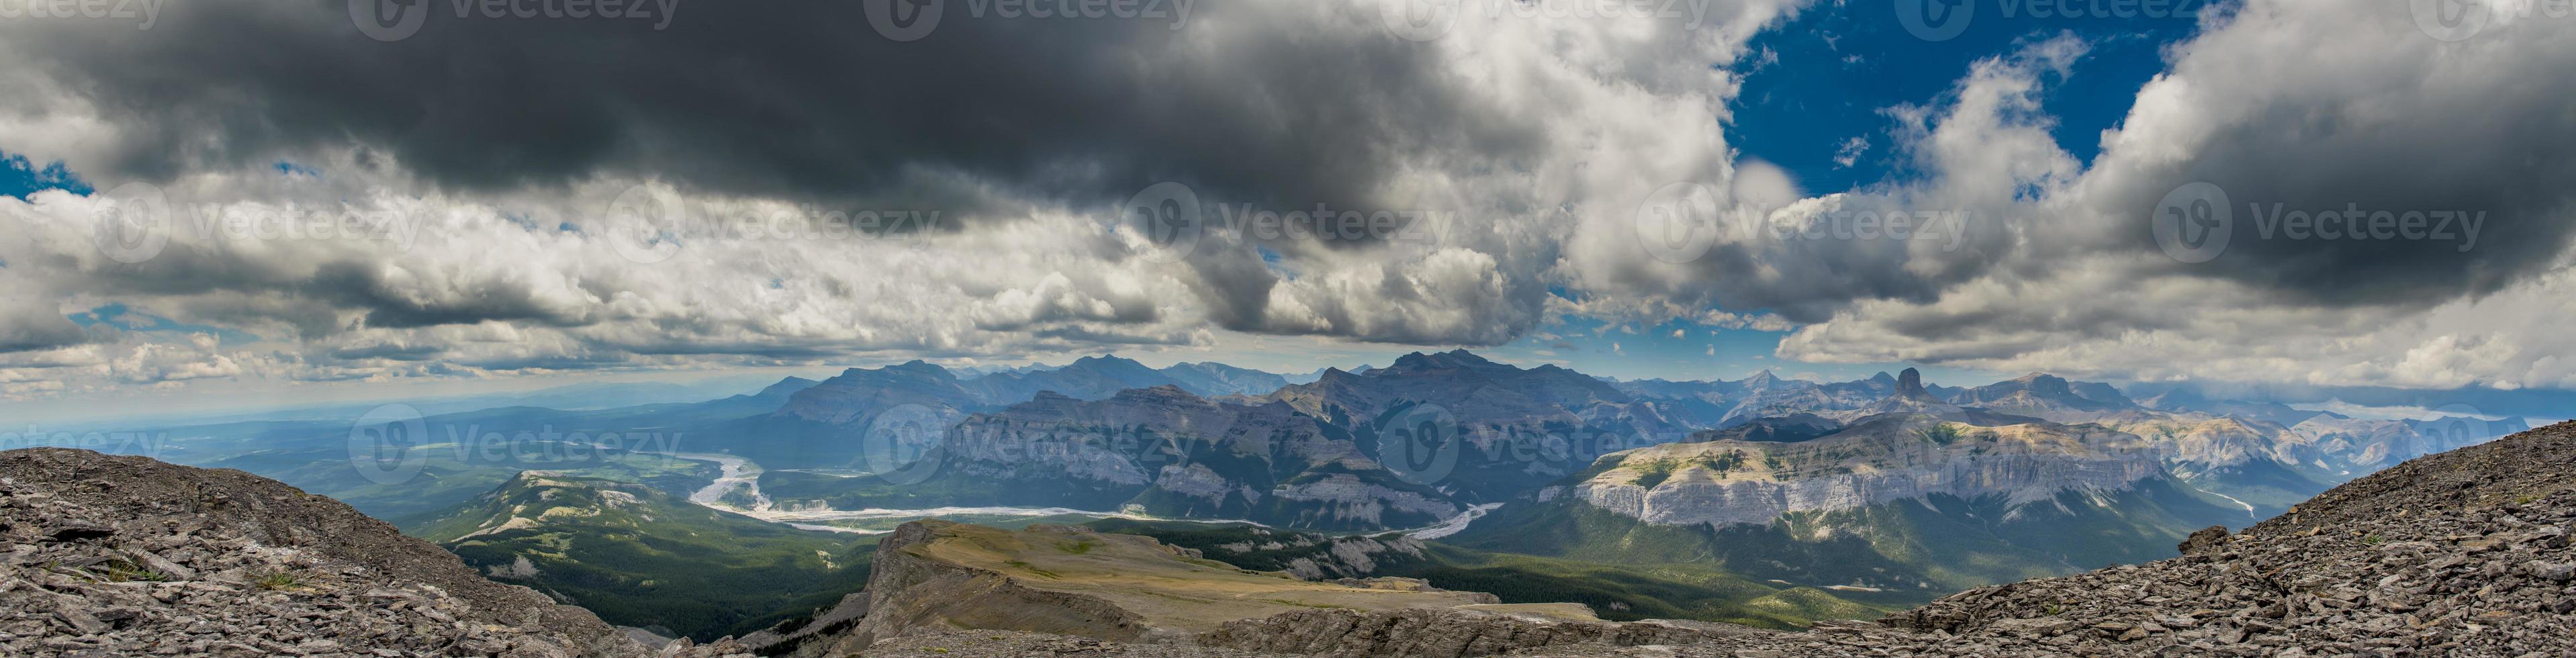 monte roca negra foto